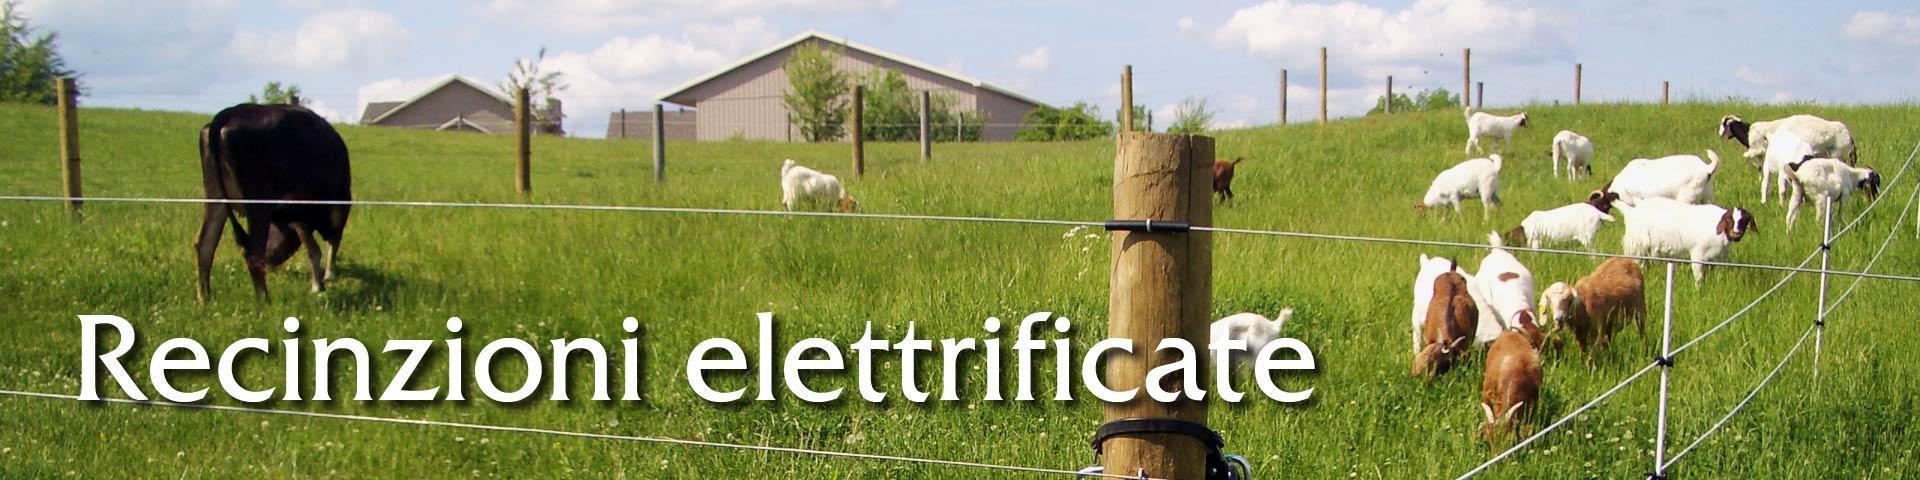 vendita online recinzioni elettrificate